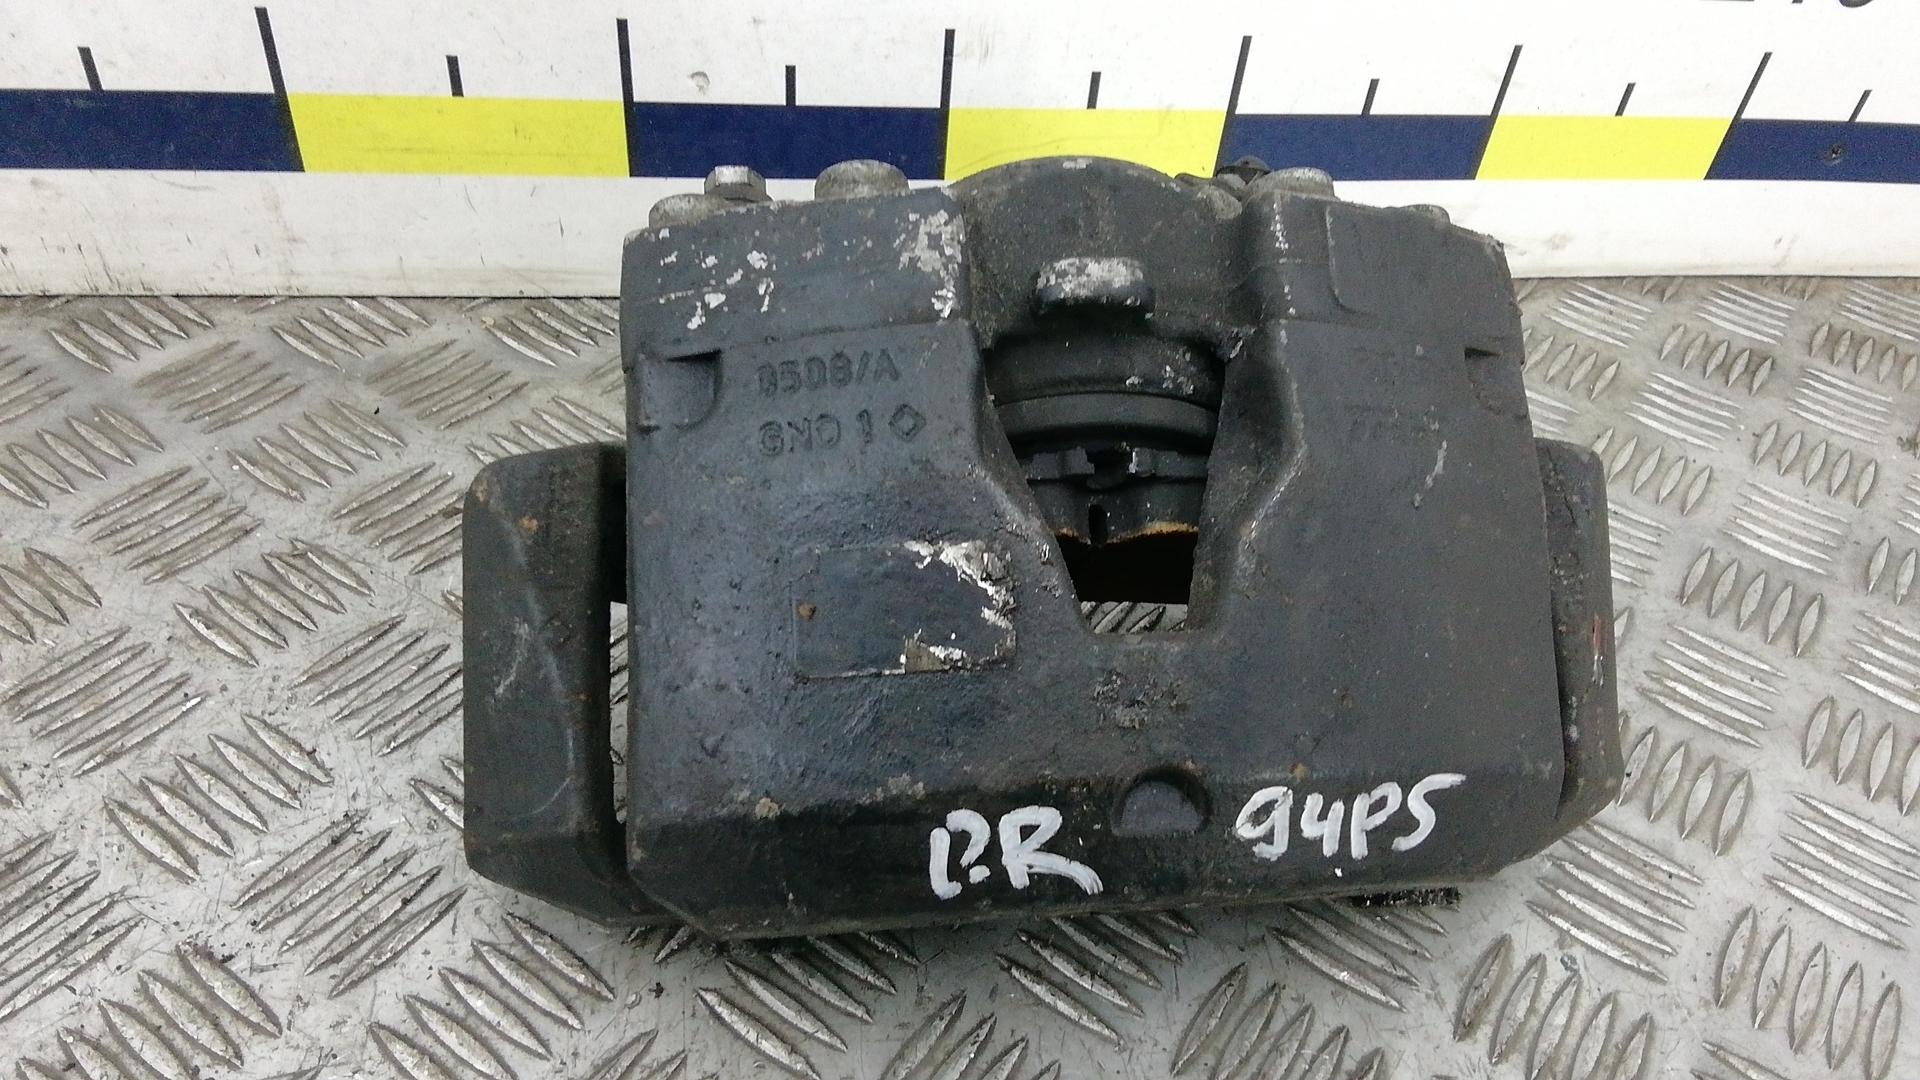 Суппорт тормозной передний правый, AUDI, A7 1, 2013